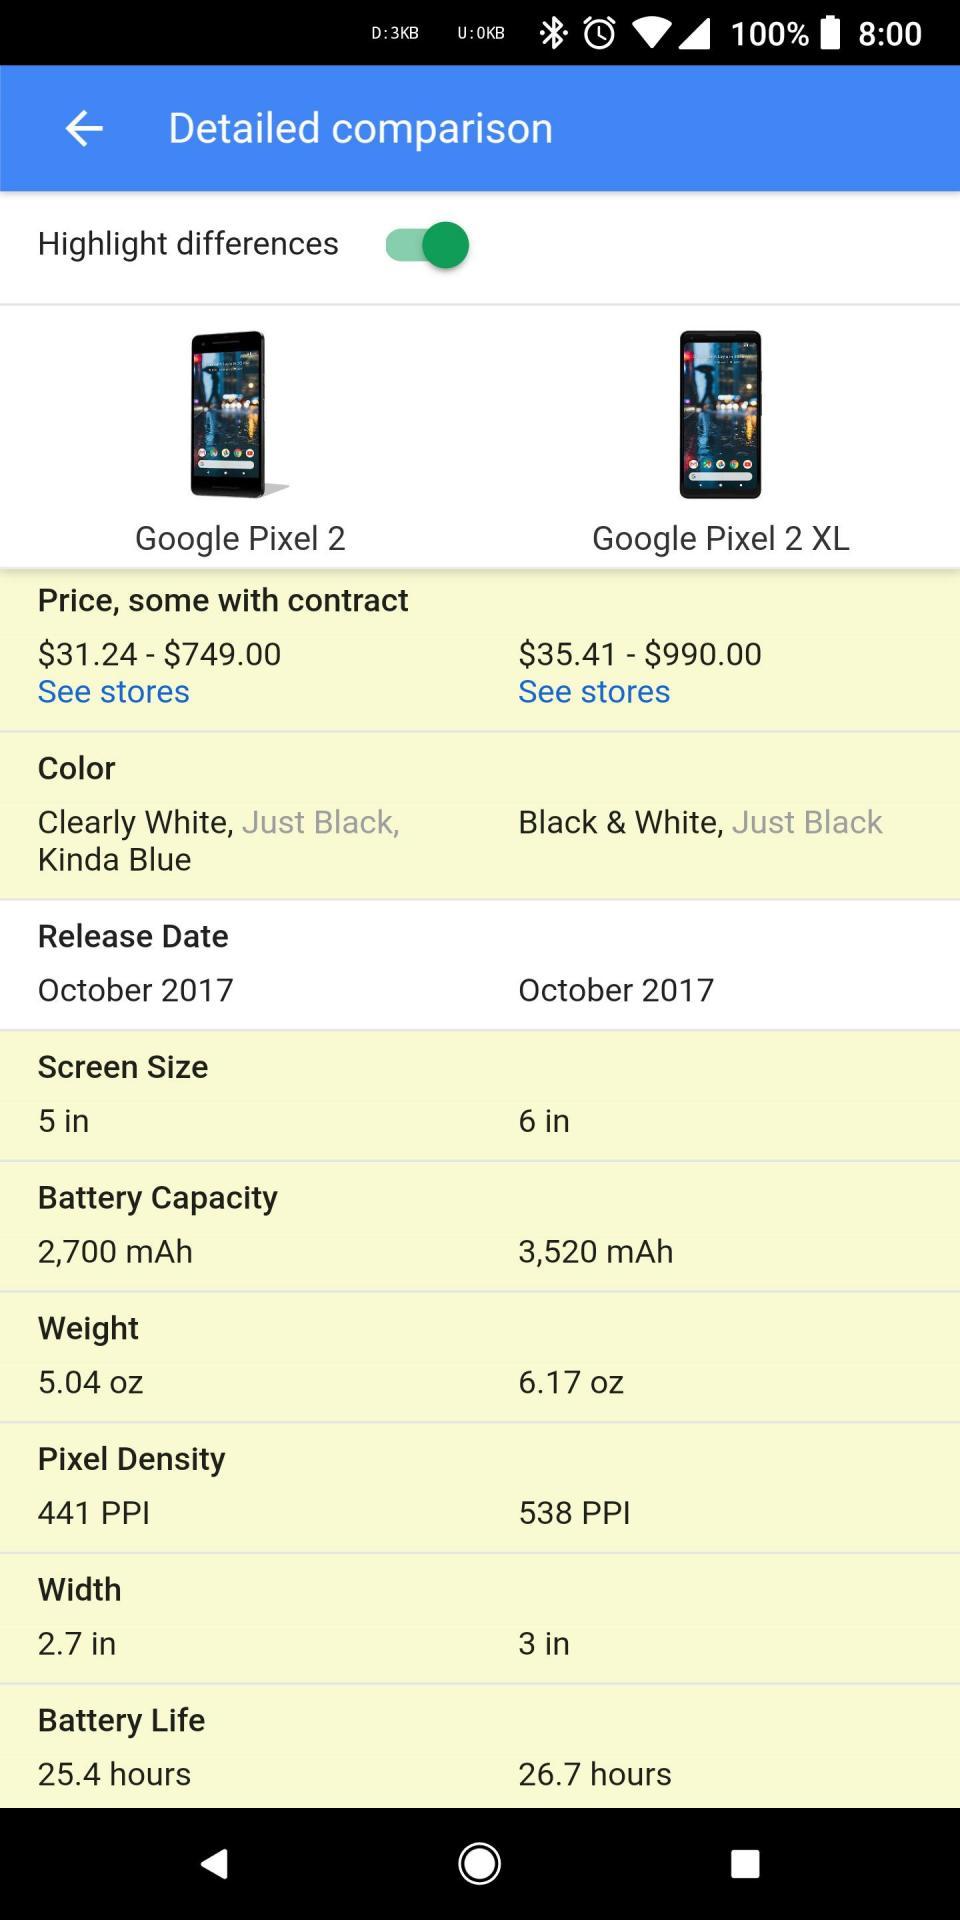 Спецификации двух товаров можно сравнить прямо в поиске Google